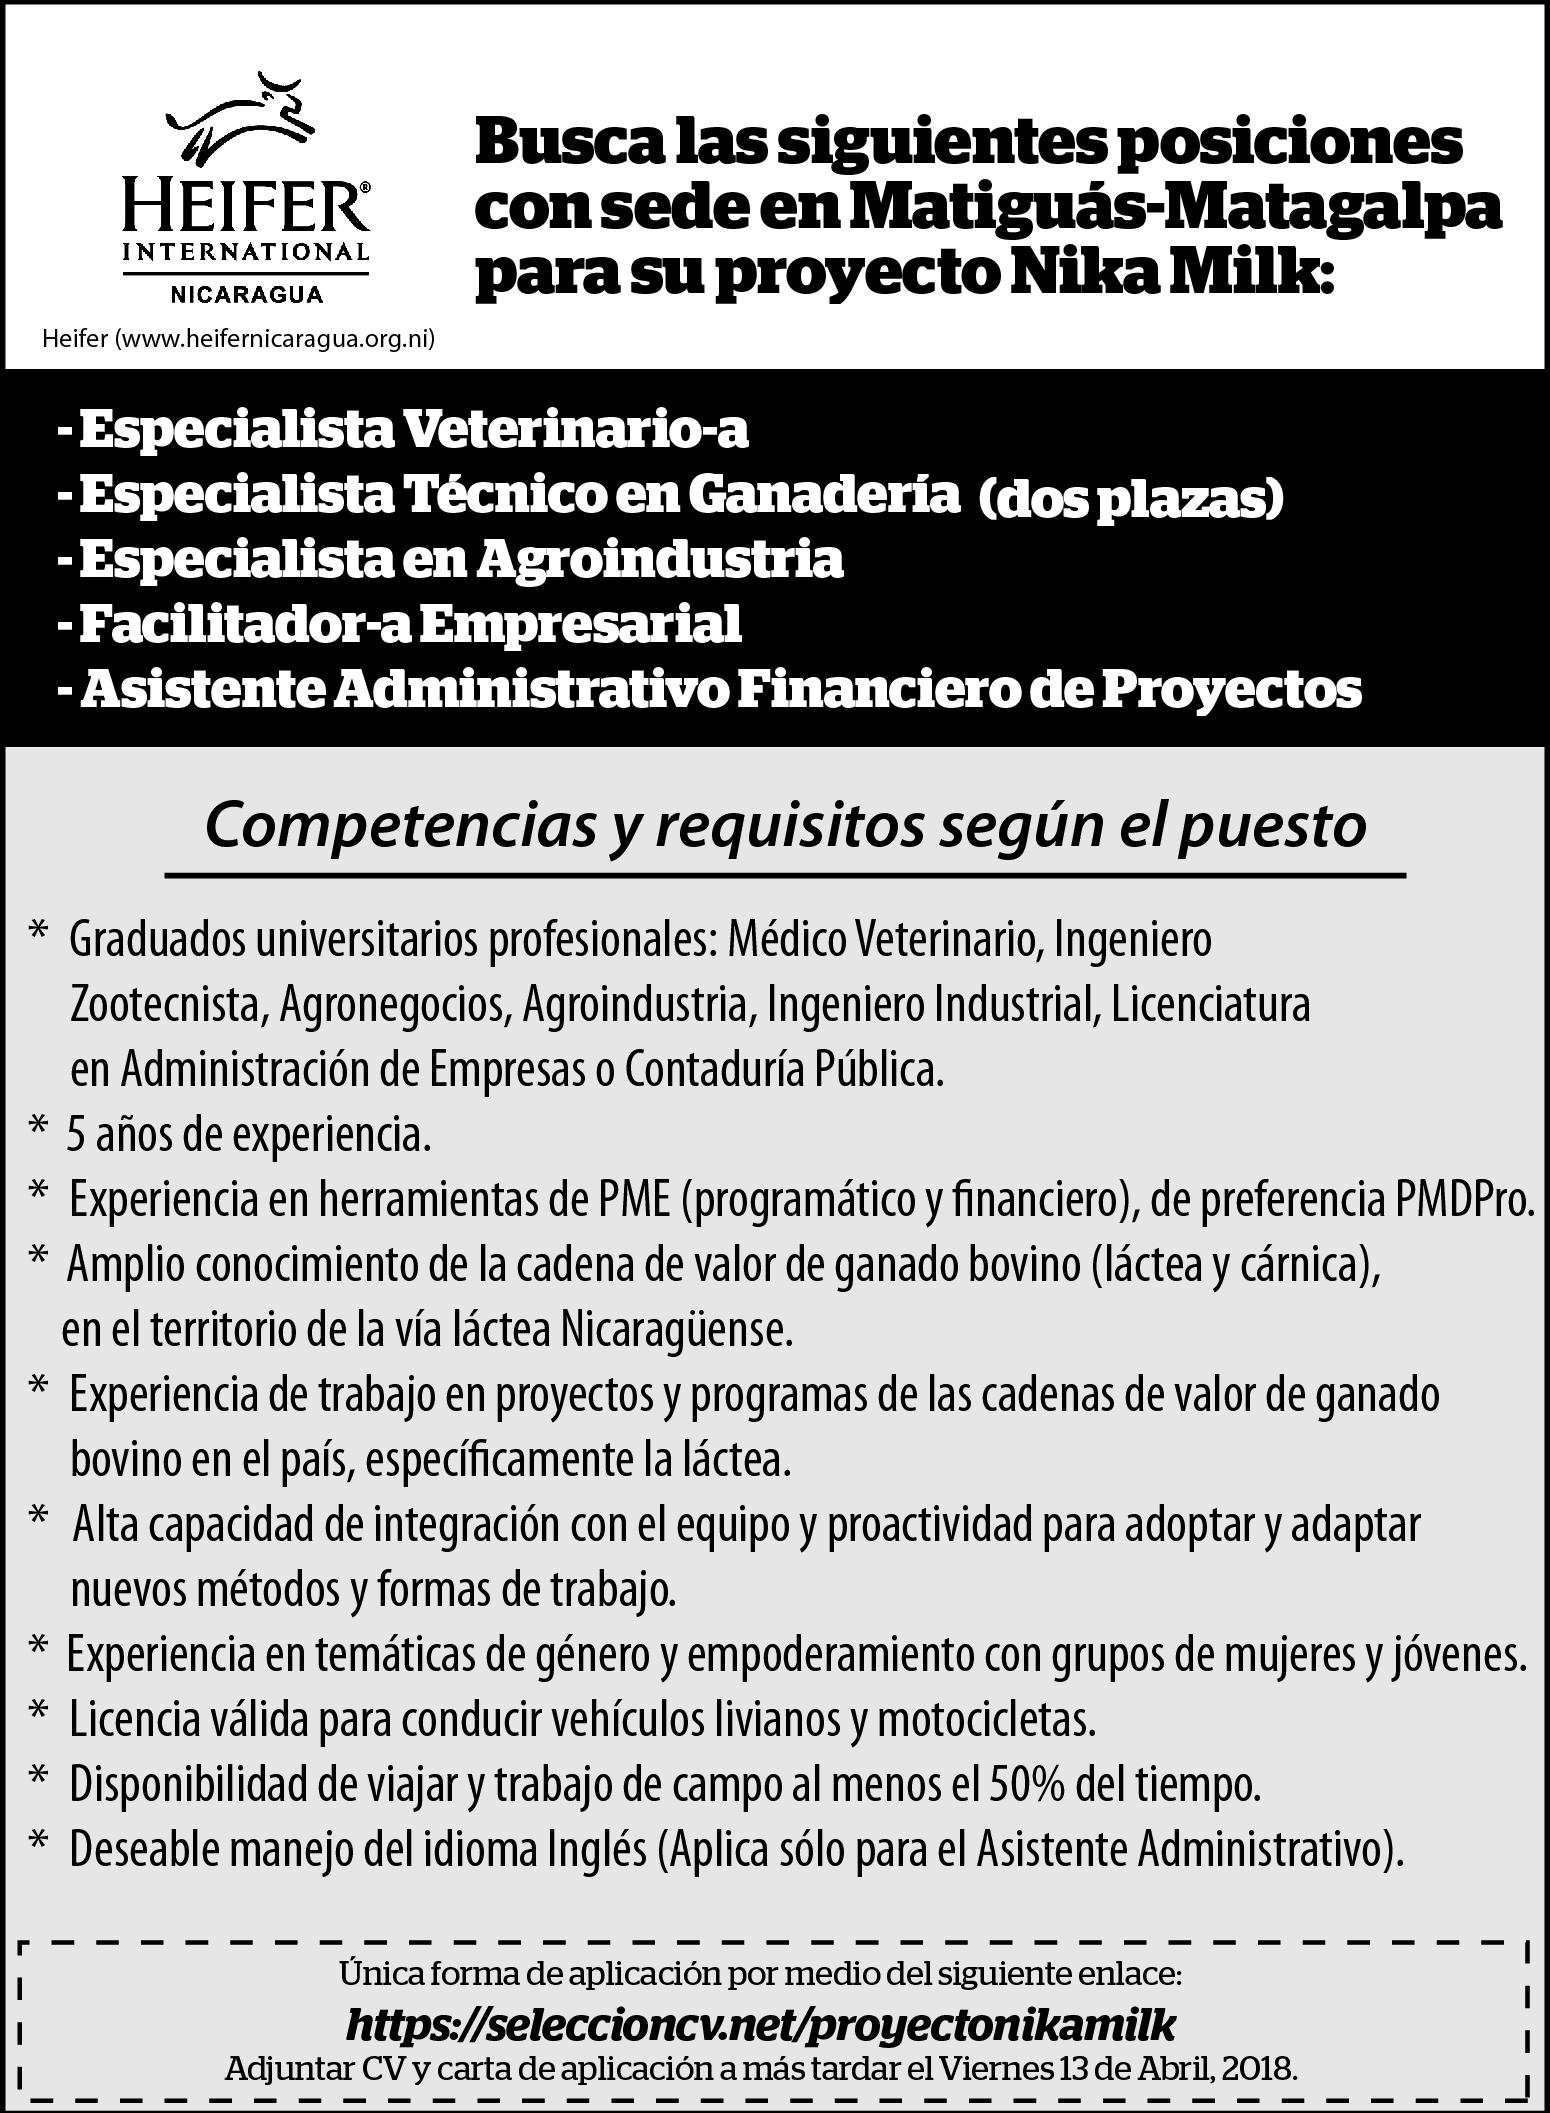 Lujo Carta Cv Aplicación Ilustración - Ejemplo De Colección De ...